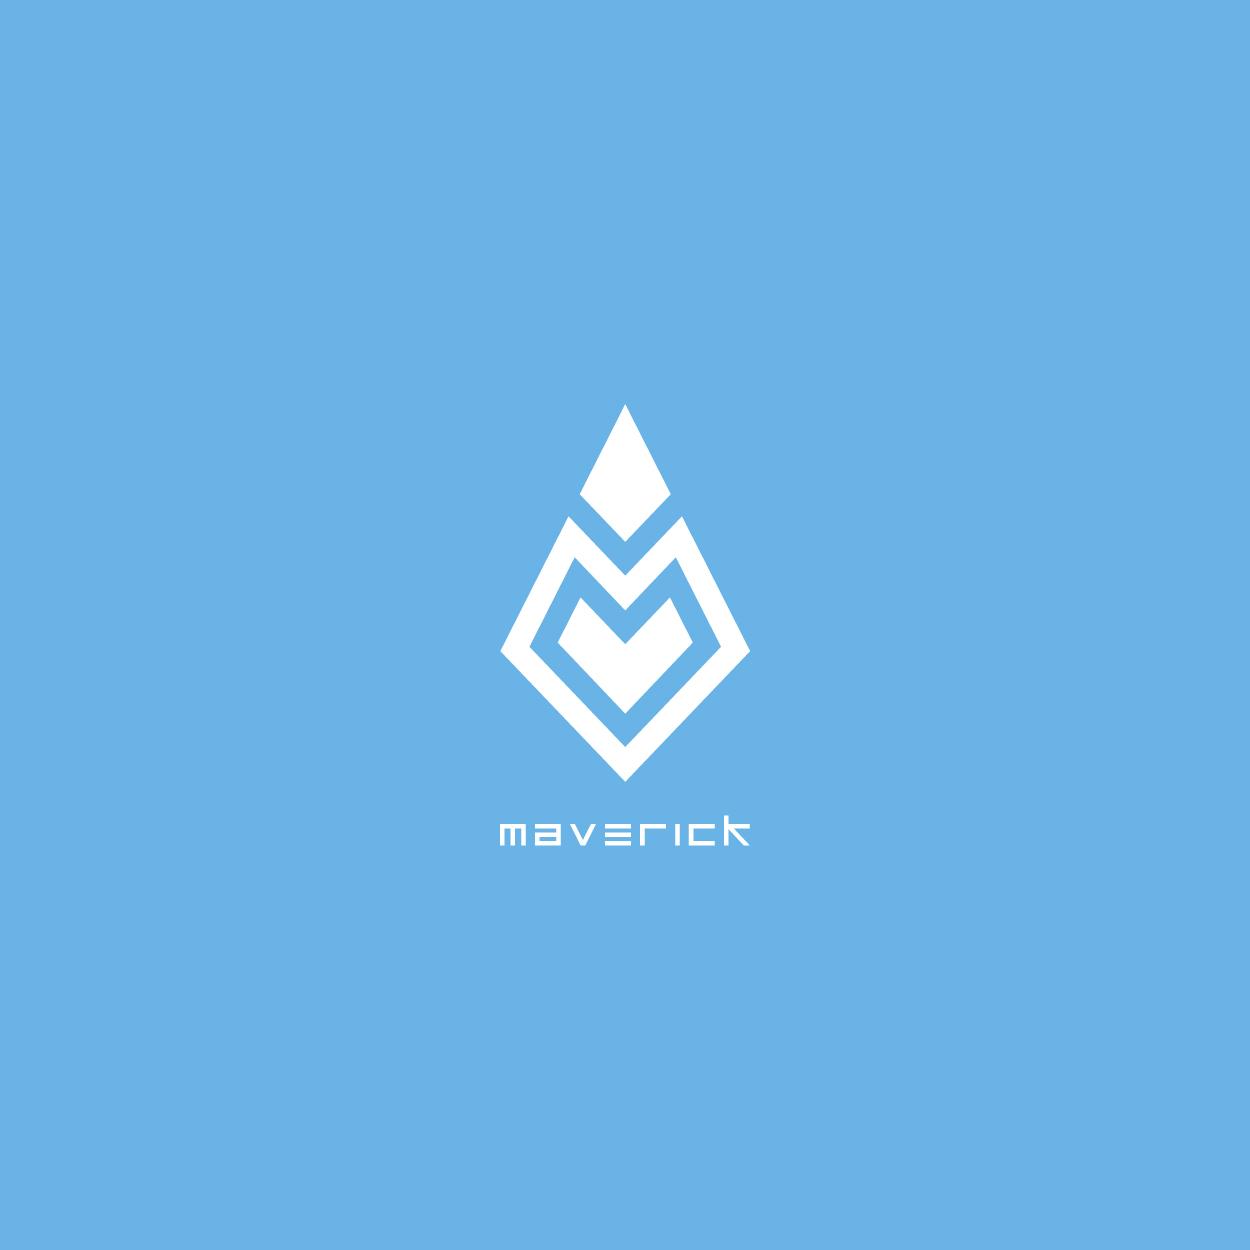 maverick-logo-bg